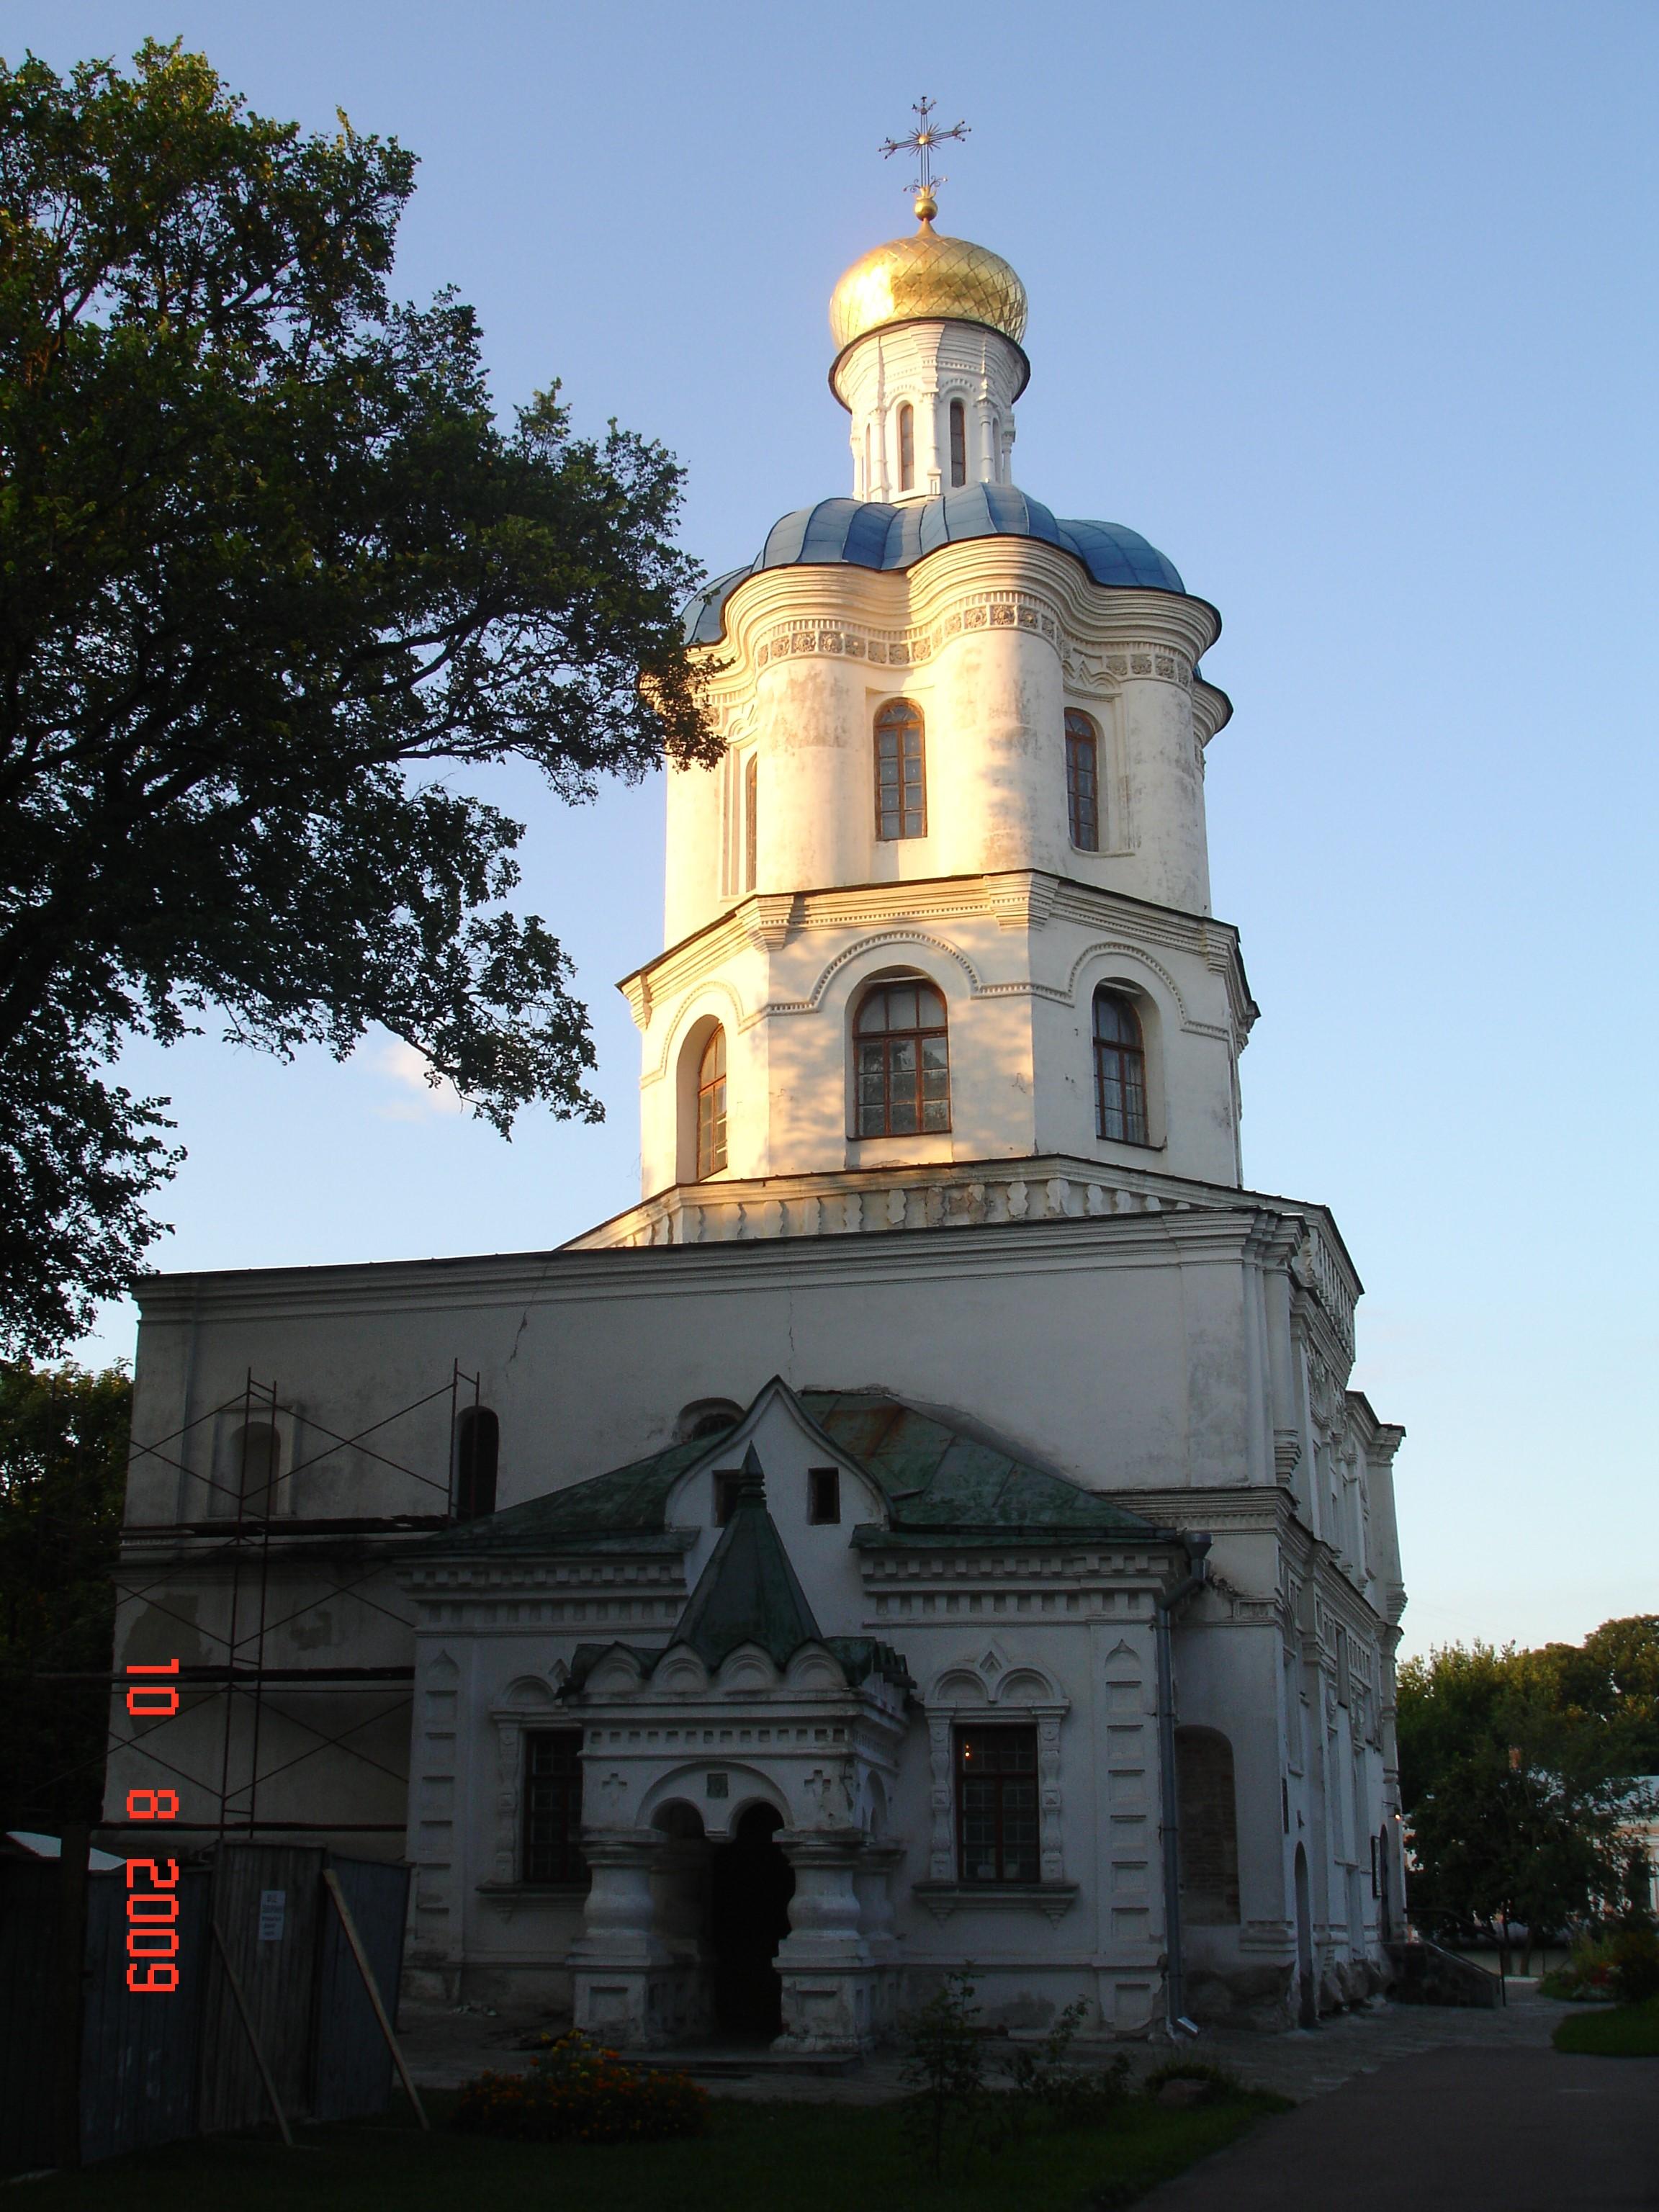 Чернігів. Трапезна церква з дзвіницею Борисоглібського монастиря, відома як будинок колегіуму (1700—1702). Фото — Тетяна Чернецька (2009).